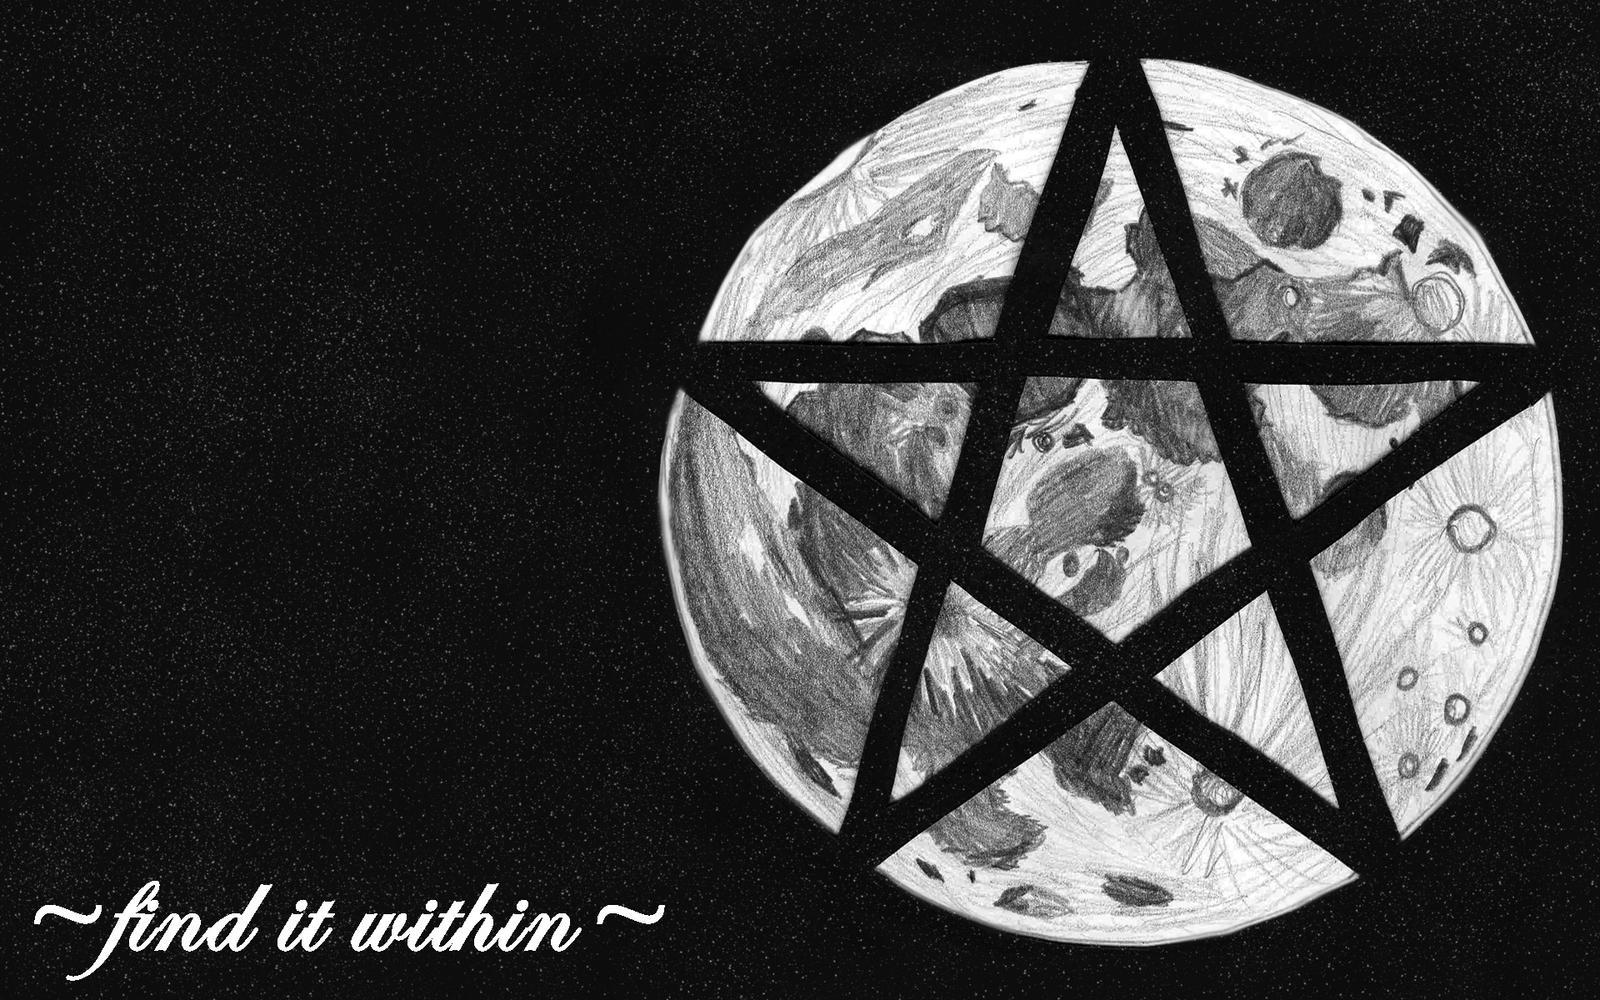 Wicca Moon Pentagram By Thewonderelf On DeviantArt  1600x1000 Jpeg